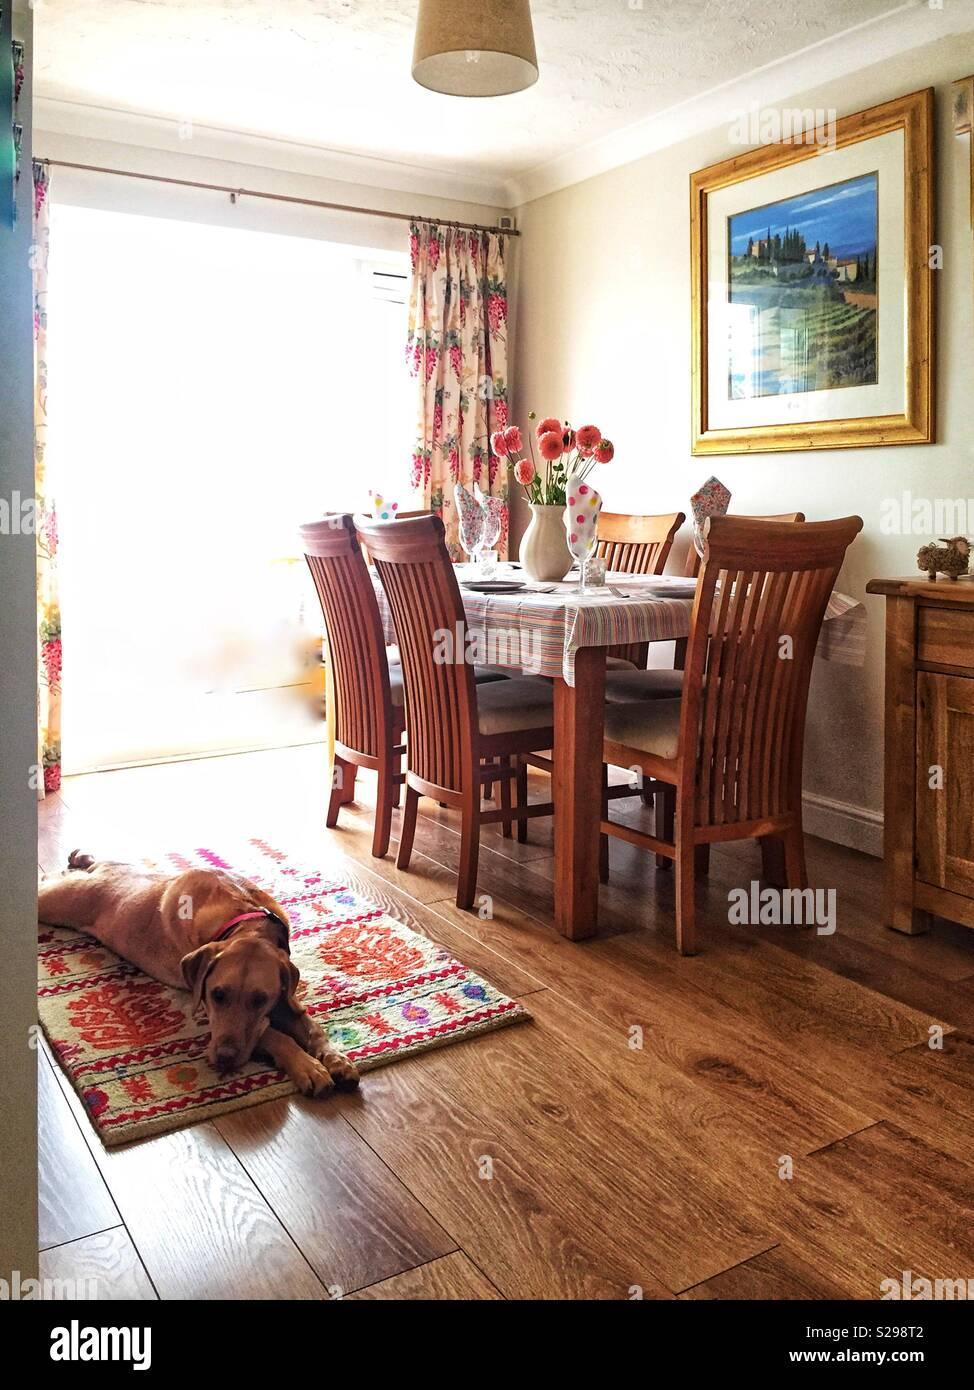 Un hogar acogedor interior con una mesa de comedor para una comida familiar y un perro perezoso durmiendo en una manta en el suelo de madera Imagen De Stock